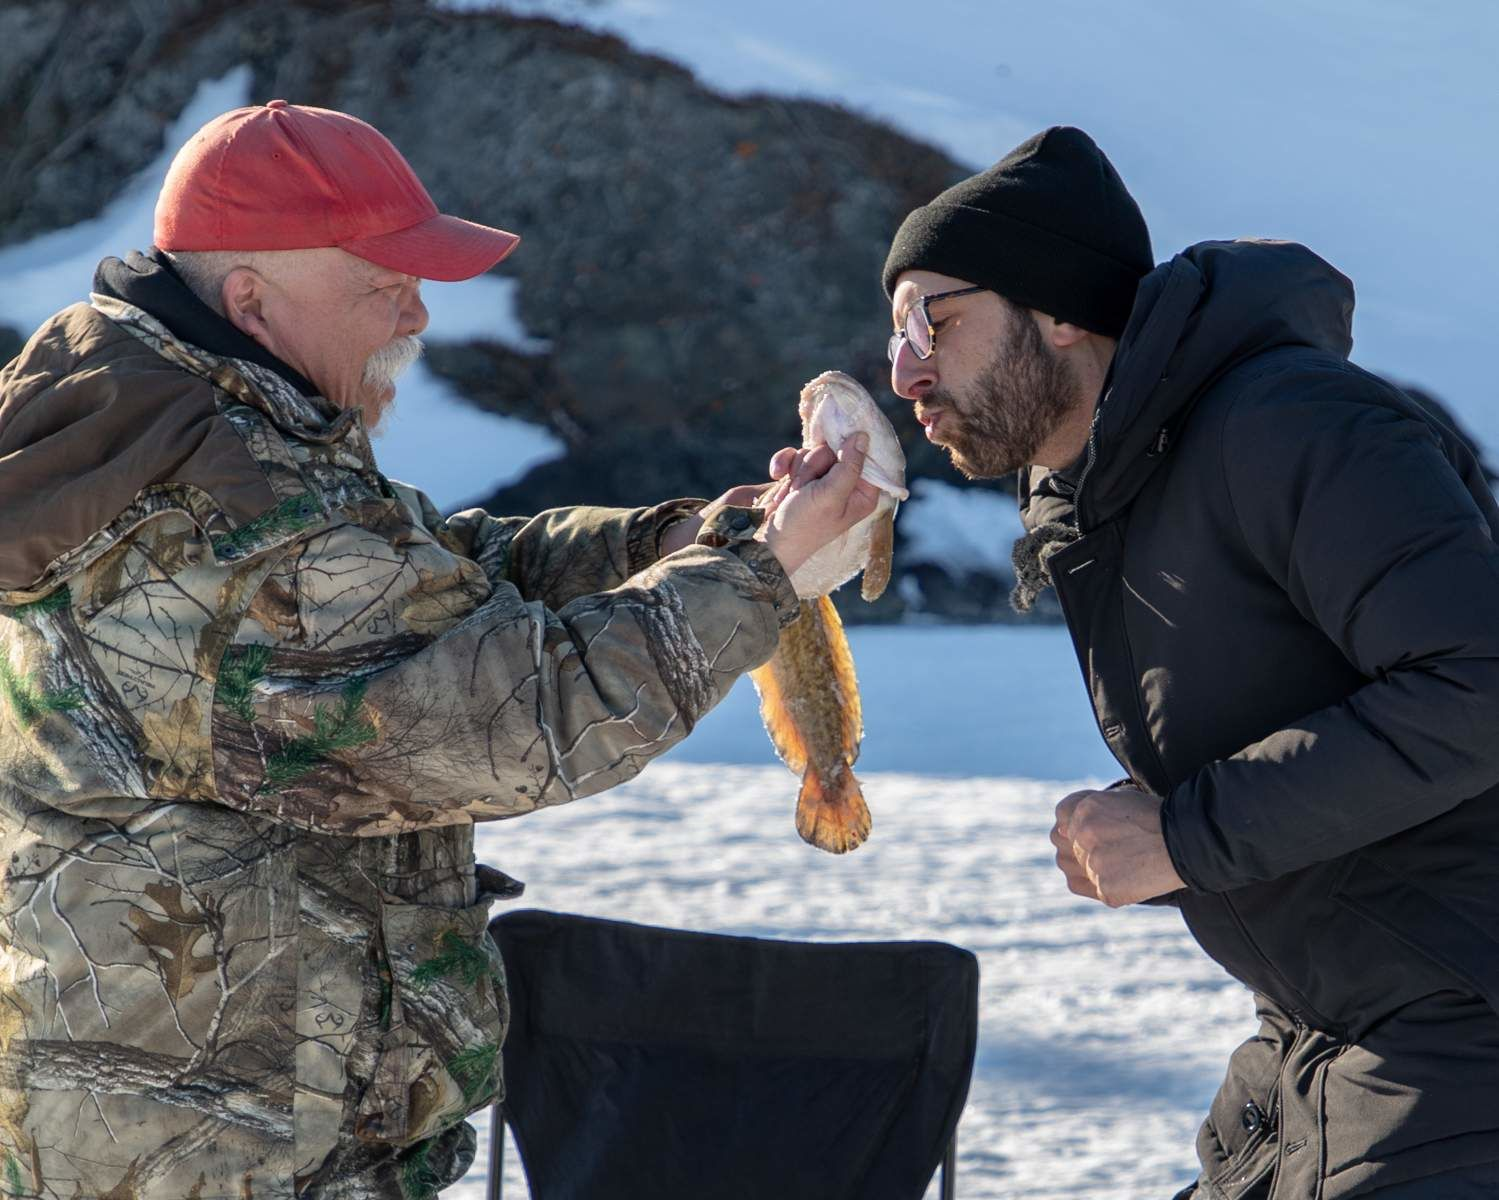 Michael et Randy, l'attrapeur de poissons, à Yellowknife, dans les Territoires du Nord-Ouest